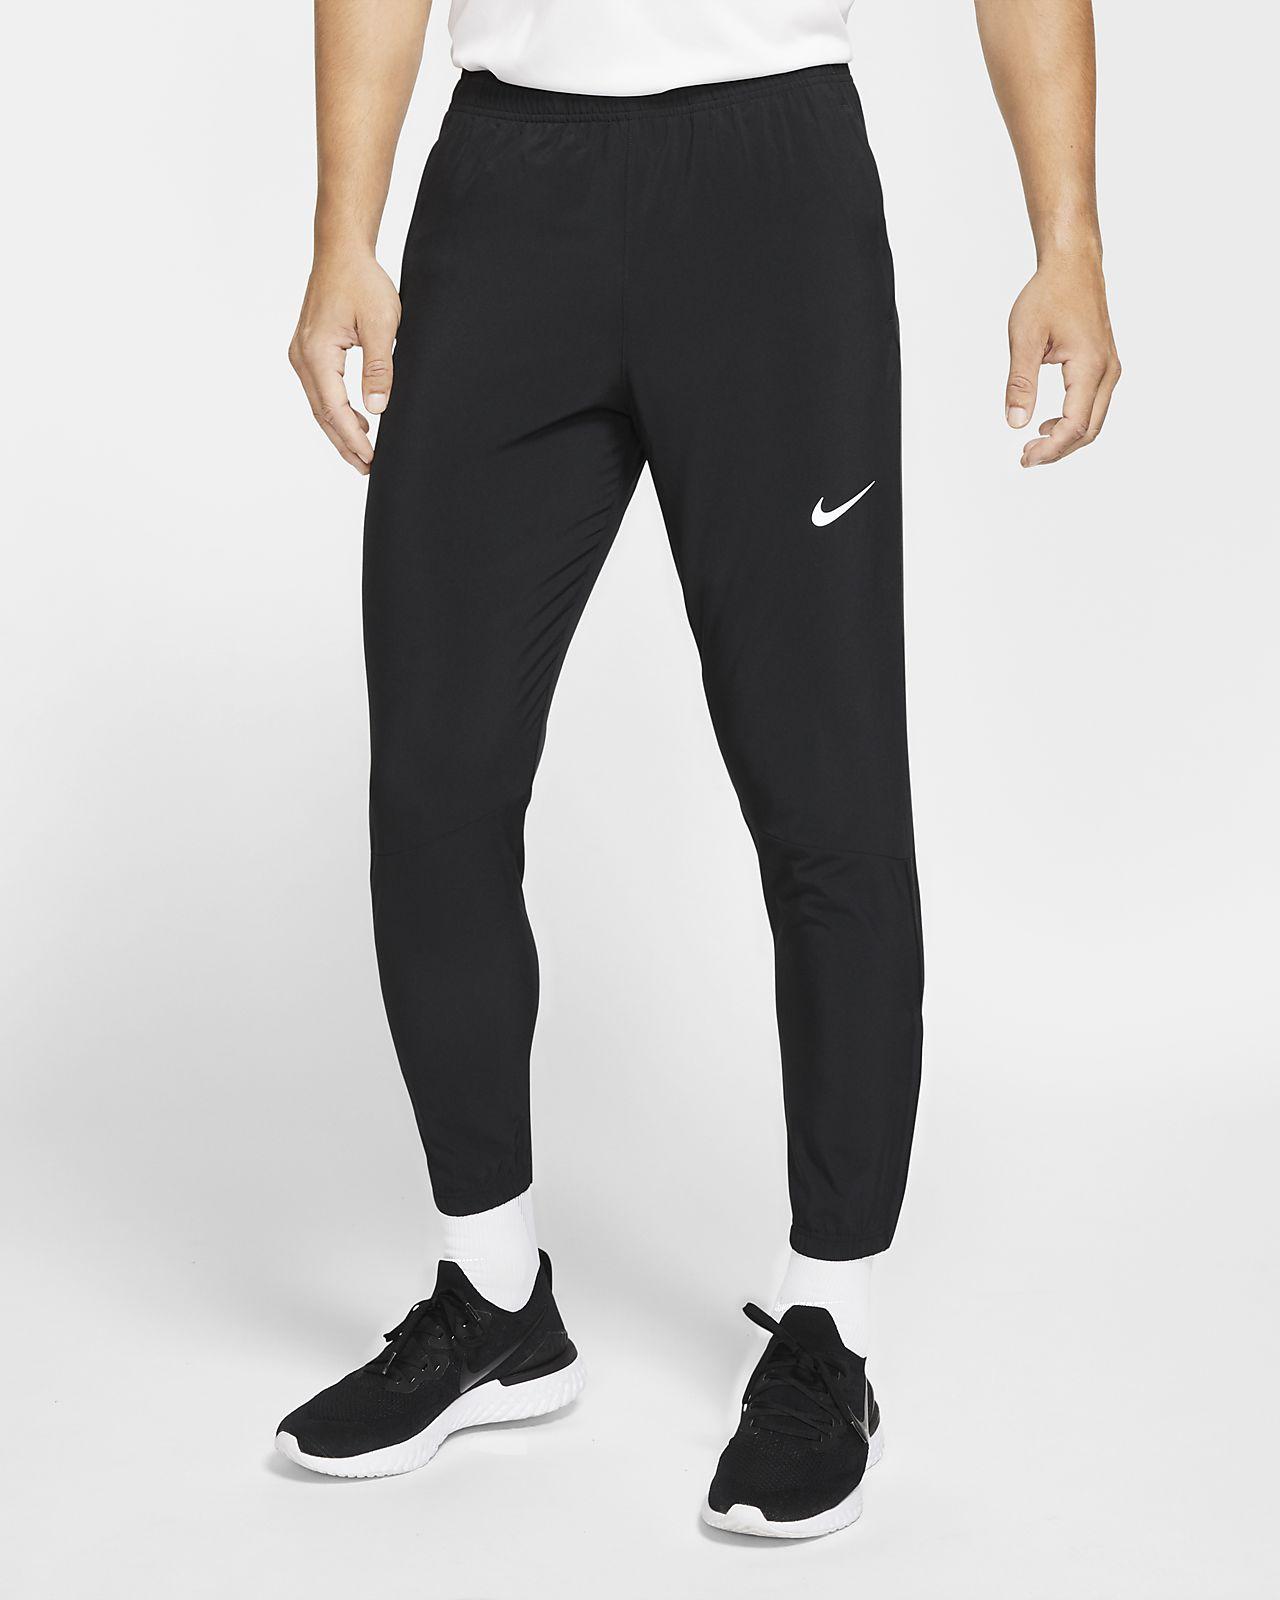 Pantalon de running tissé Nike Essential pour Homme